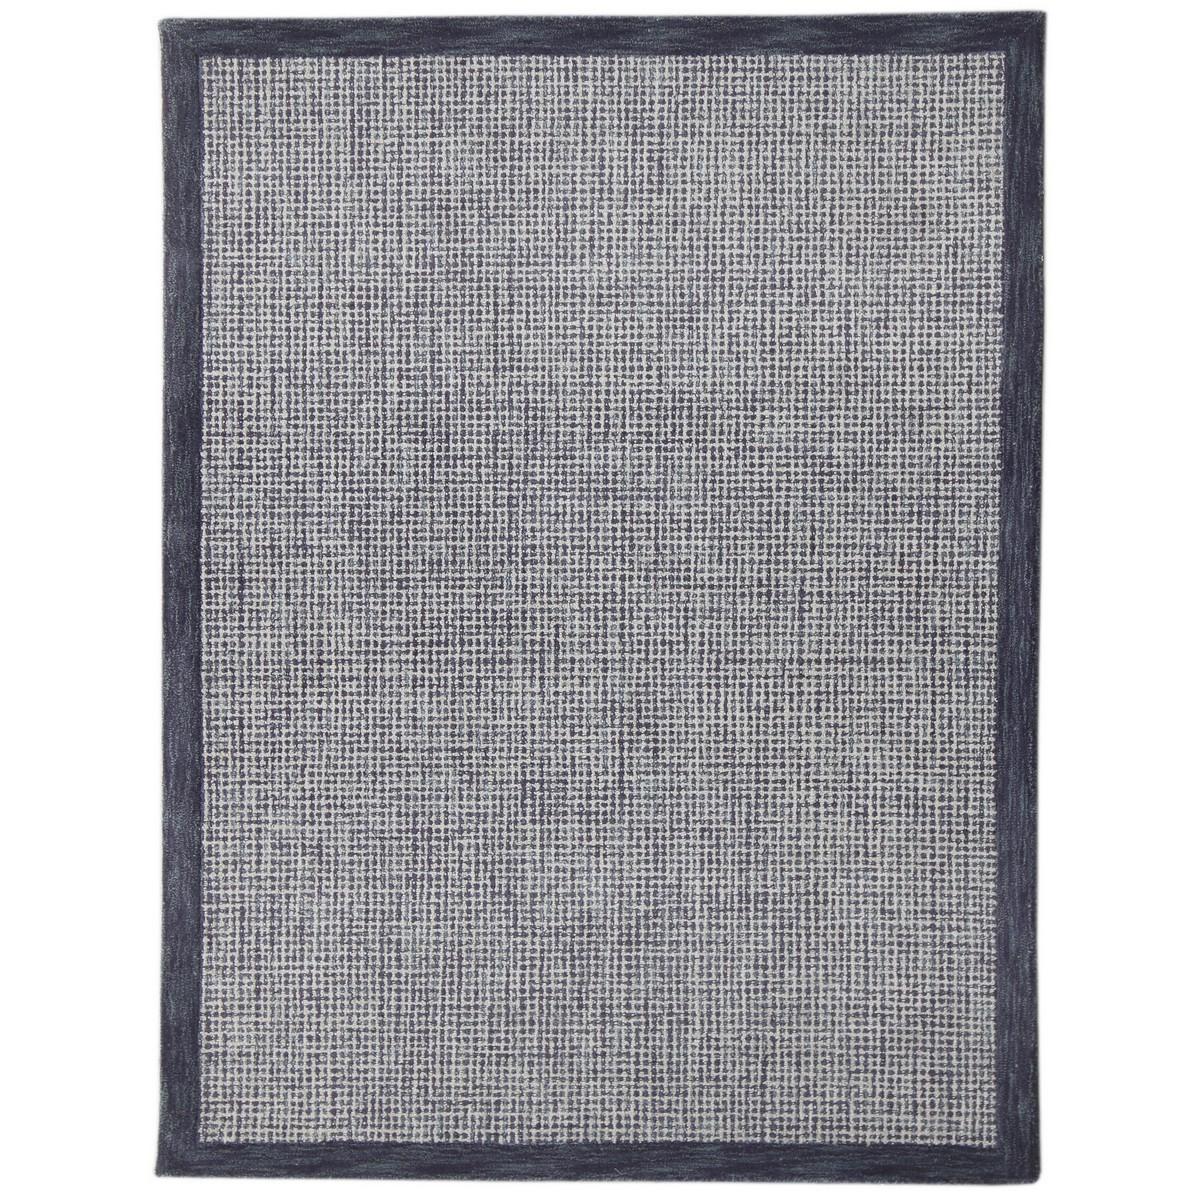 Idina Hand Tuffted Wool Rug, 160x230cm, Navy